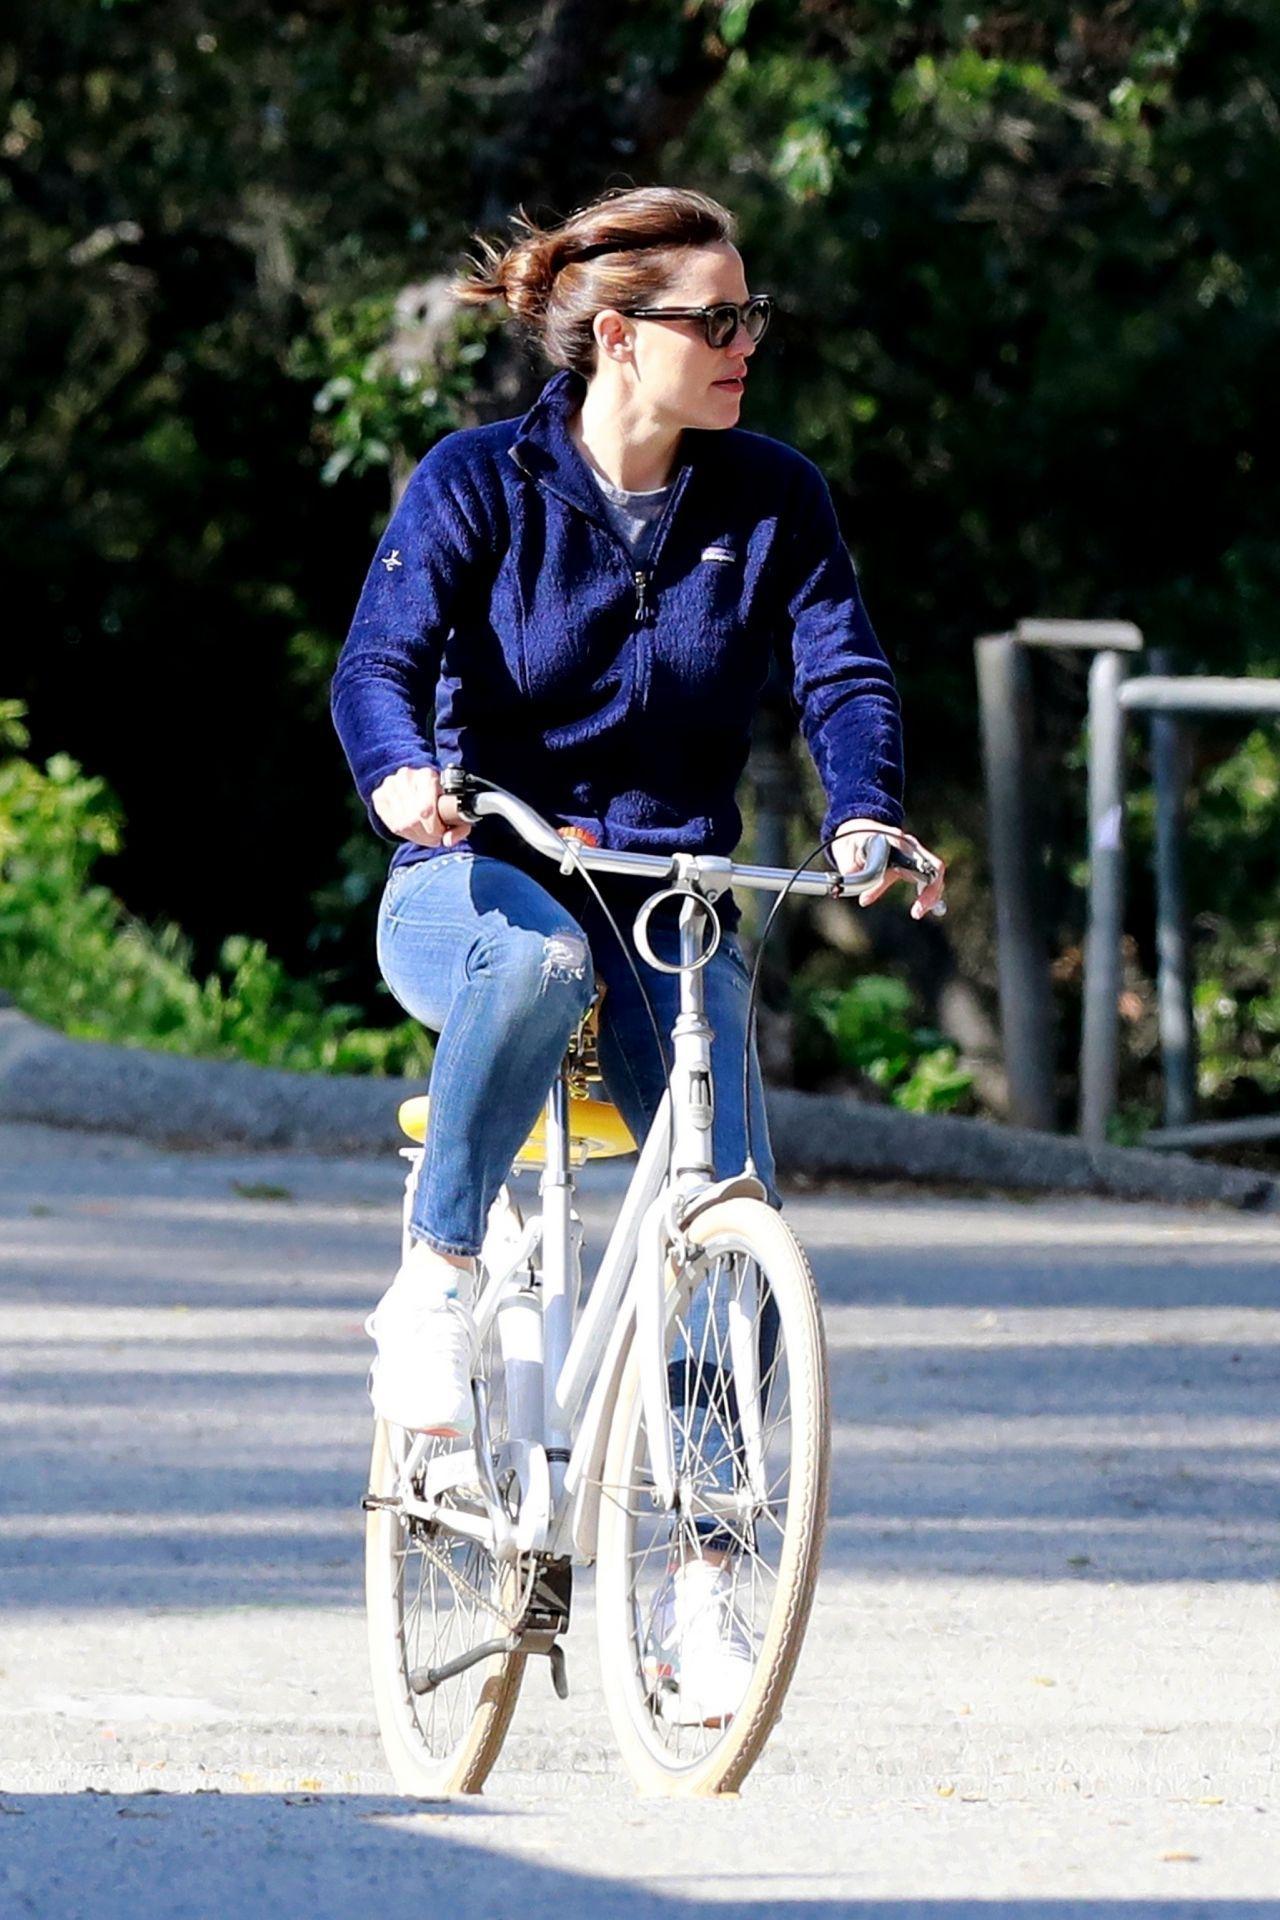 詹妮弗·加纳(Jennifer Garner)–在洛杉矶街头骑自行车03/31/2020